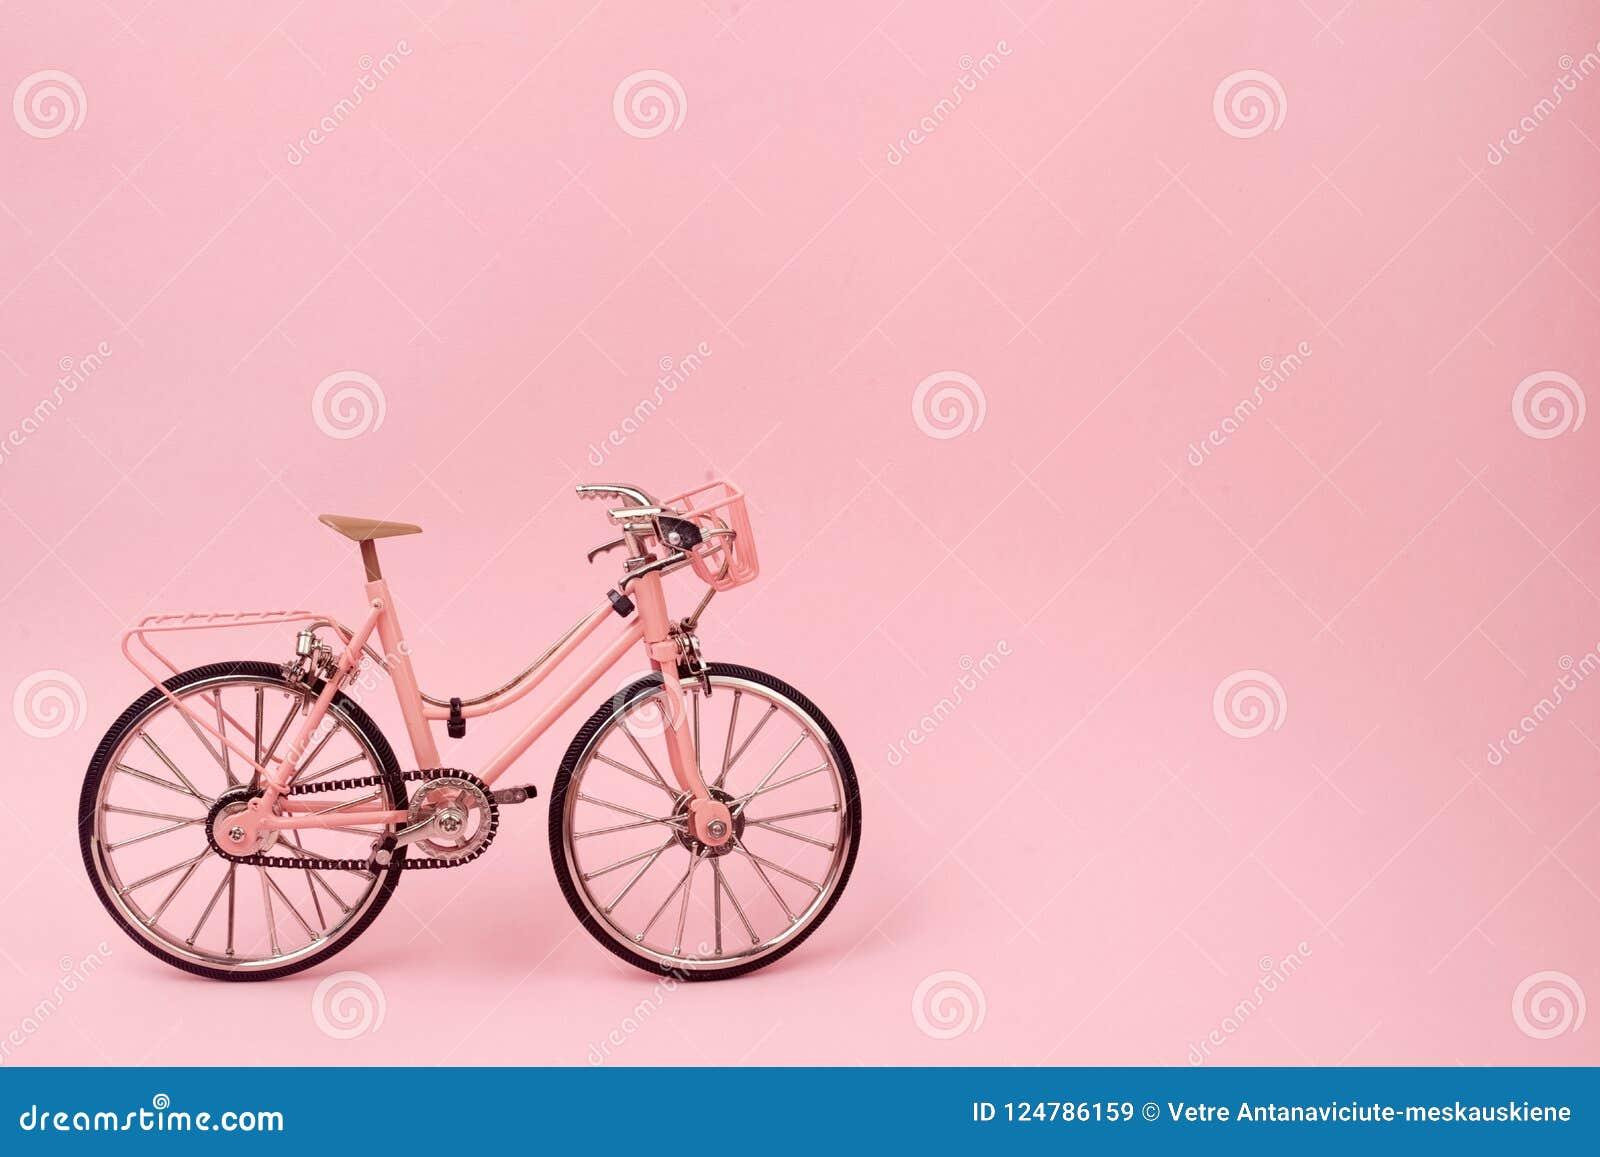 Bicicleta cor-de-rosa do vintage no fundo cor-de-rosa conceito mínimo pastel do estilo